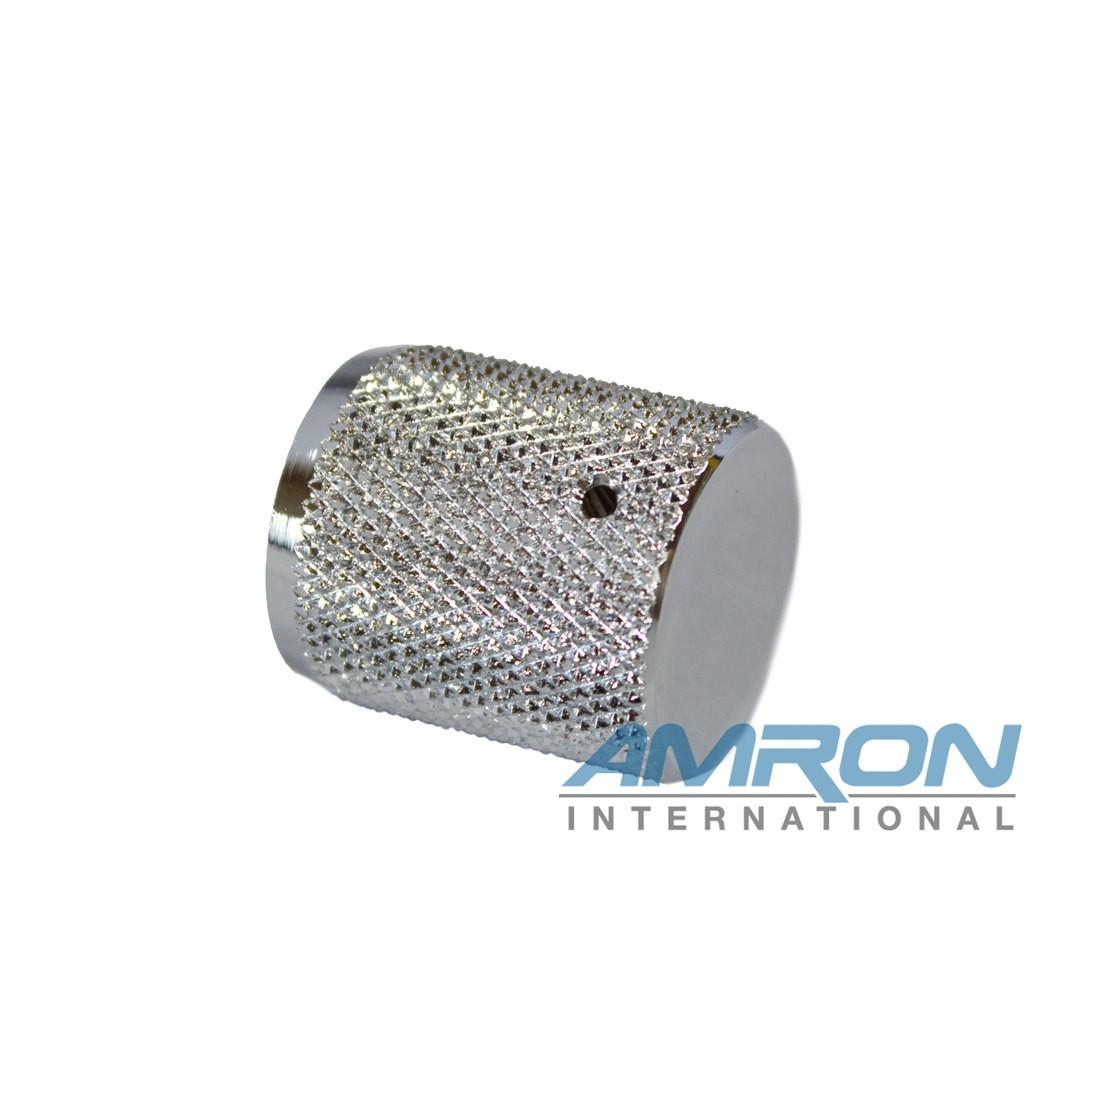 Kirby Morgan 550-053 Adjustment Knob